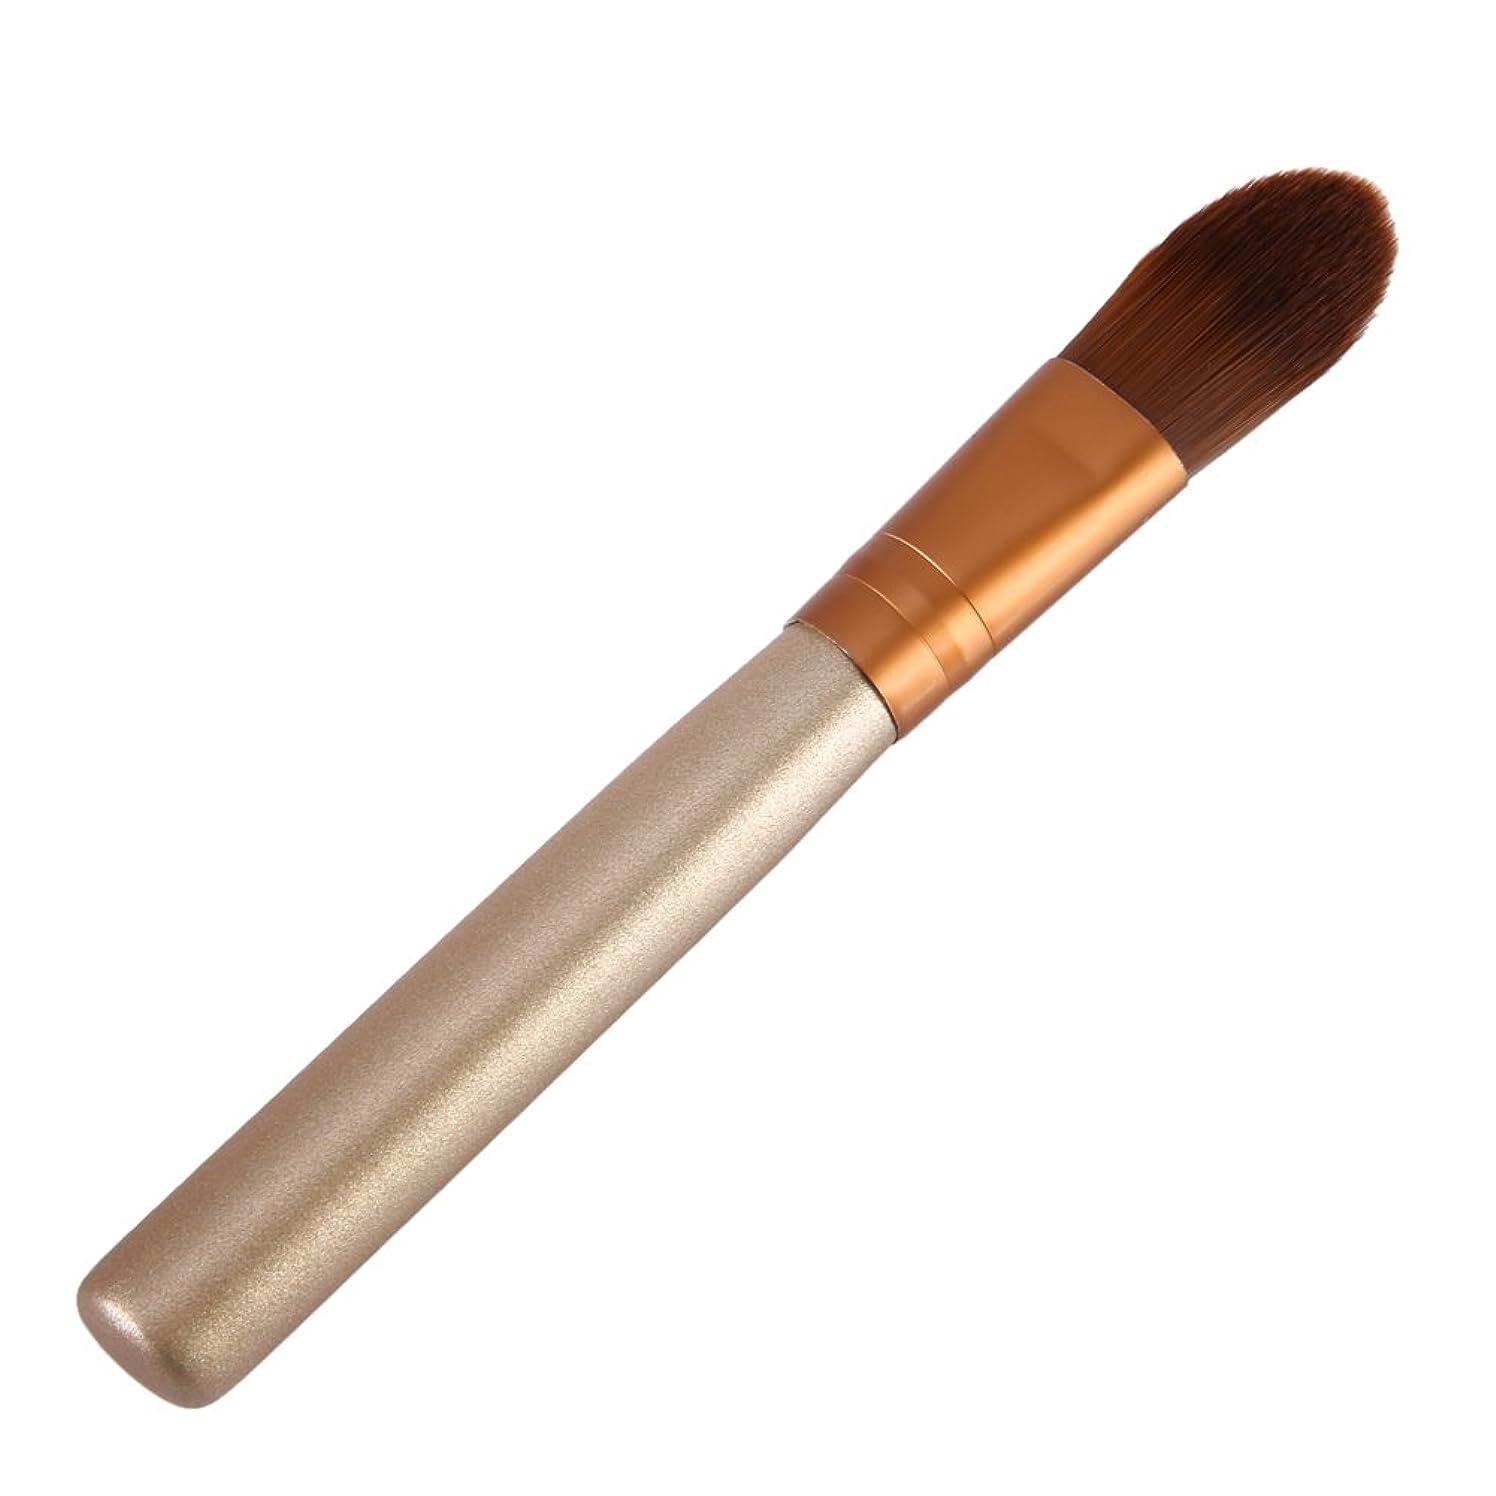 フライト適応的産地Yumbyss - トップゴールドブラウン財団ブラシメイクは、アイシャドウ化粧品のツール美容pincel木製ハンドルMaquillajeブラシ